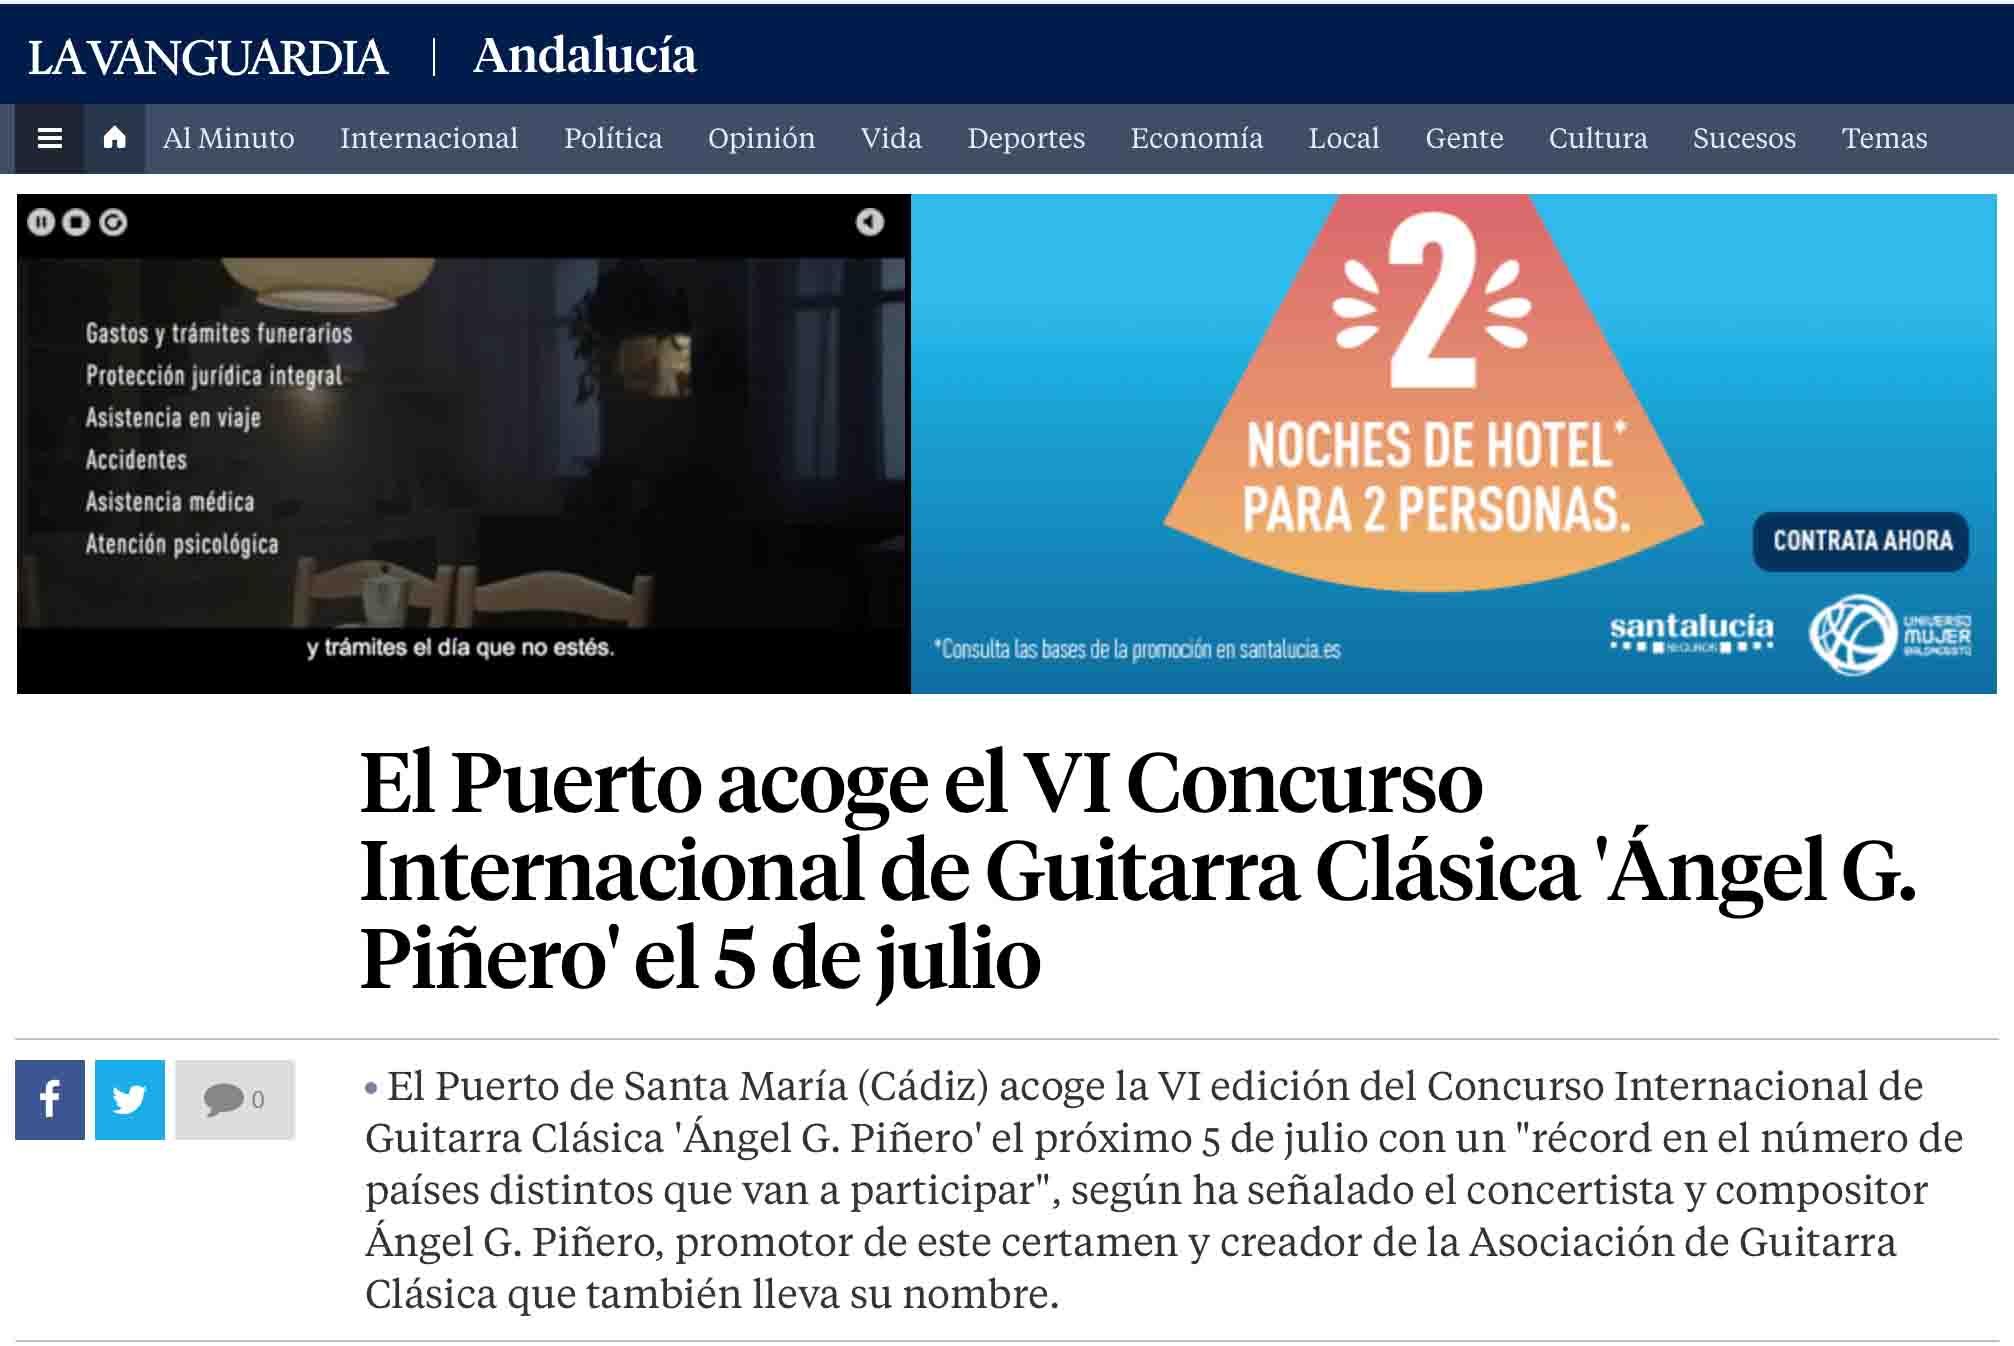 El VI Concurso Internacional de Guitarra Clásica